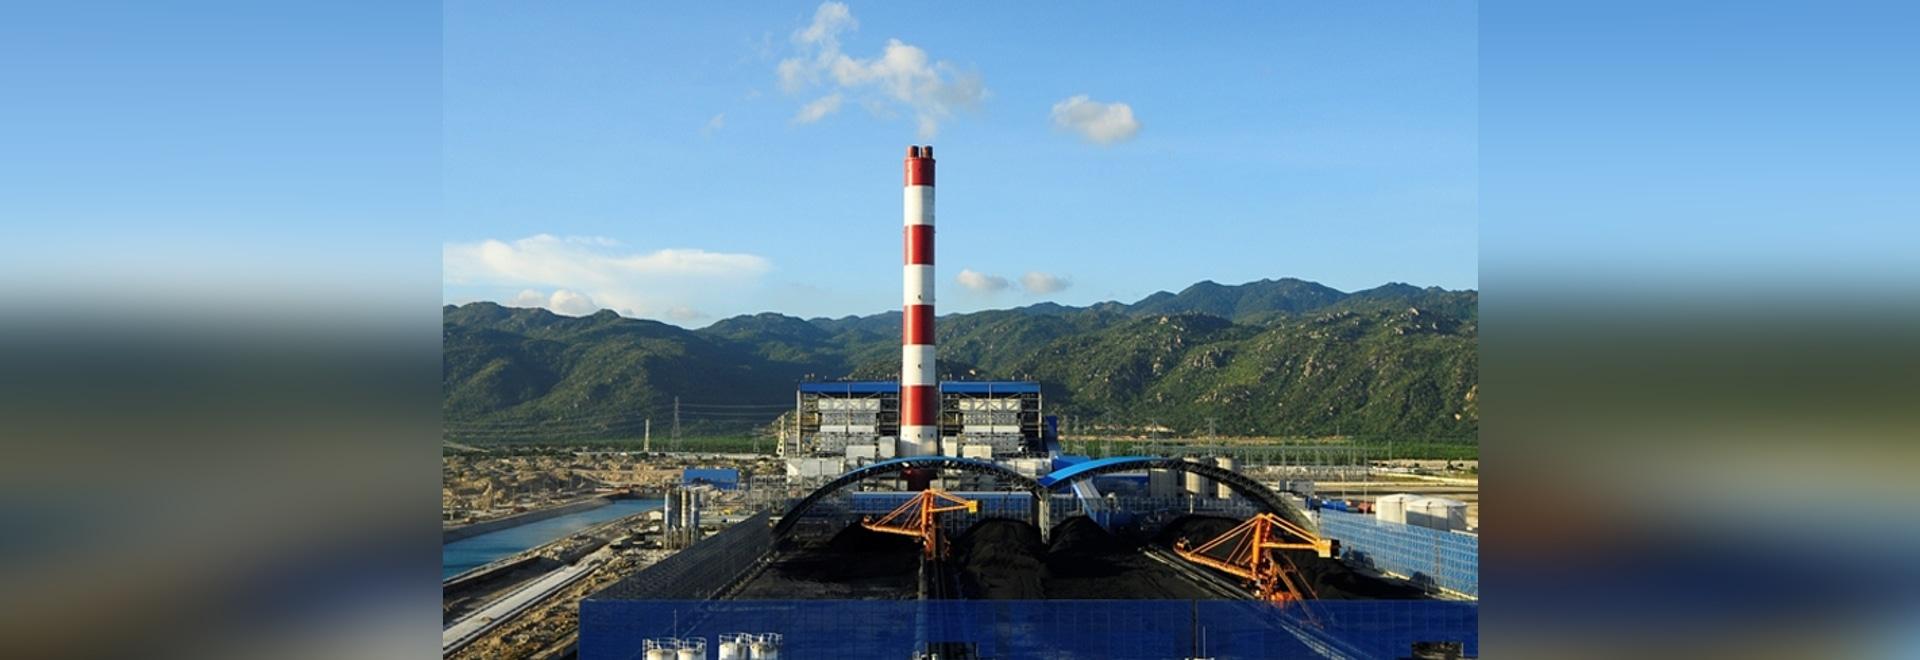 Projet de BOT du Vietnam Vinh Tan Power Plant